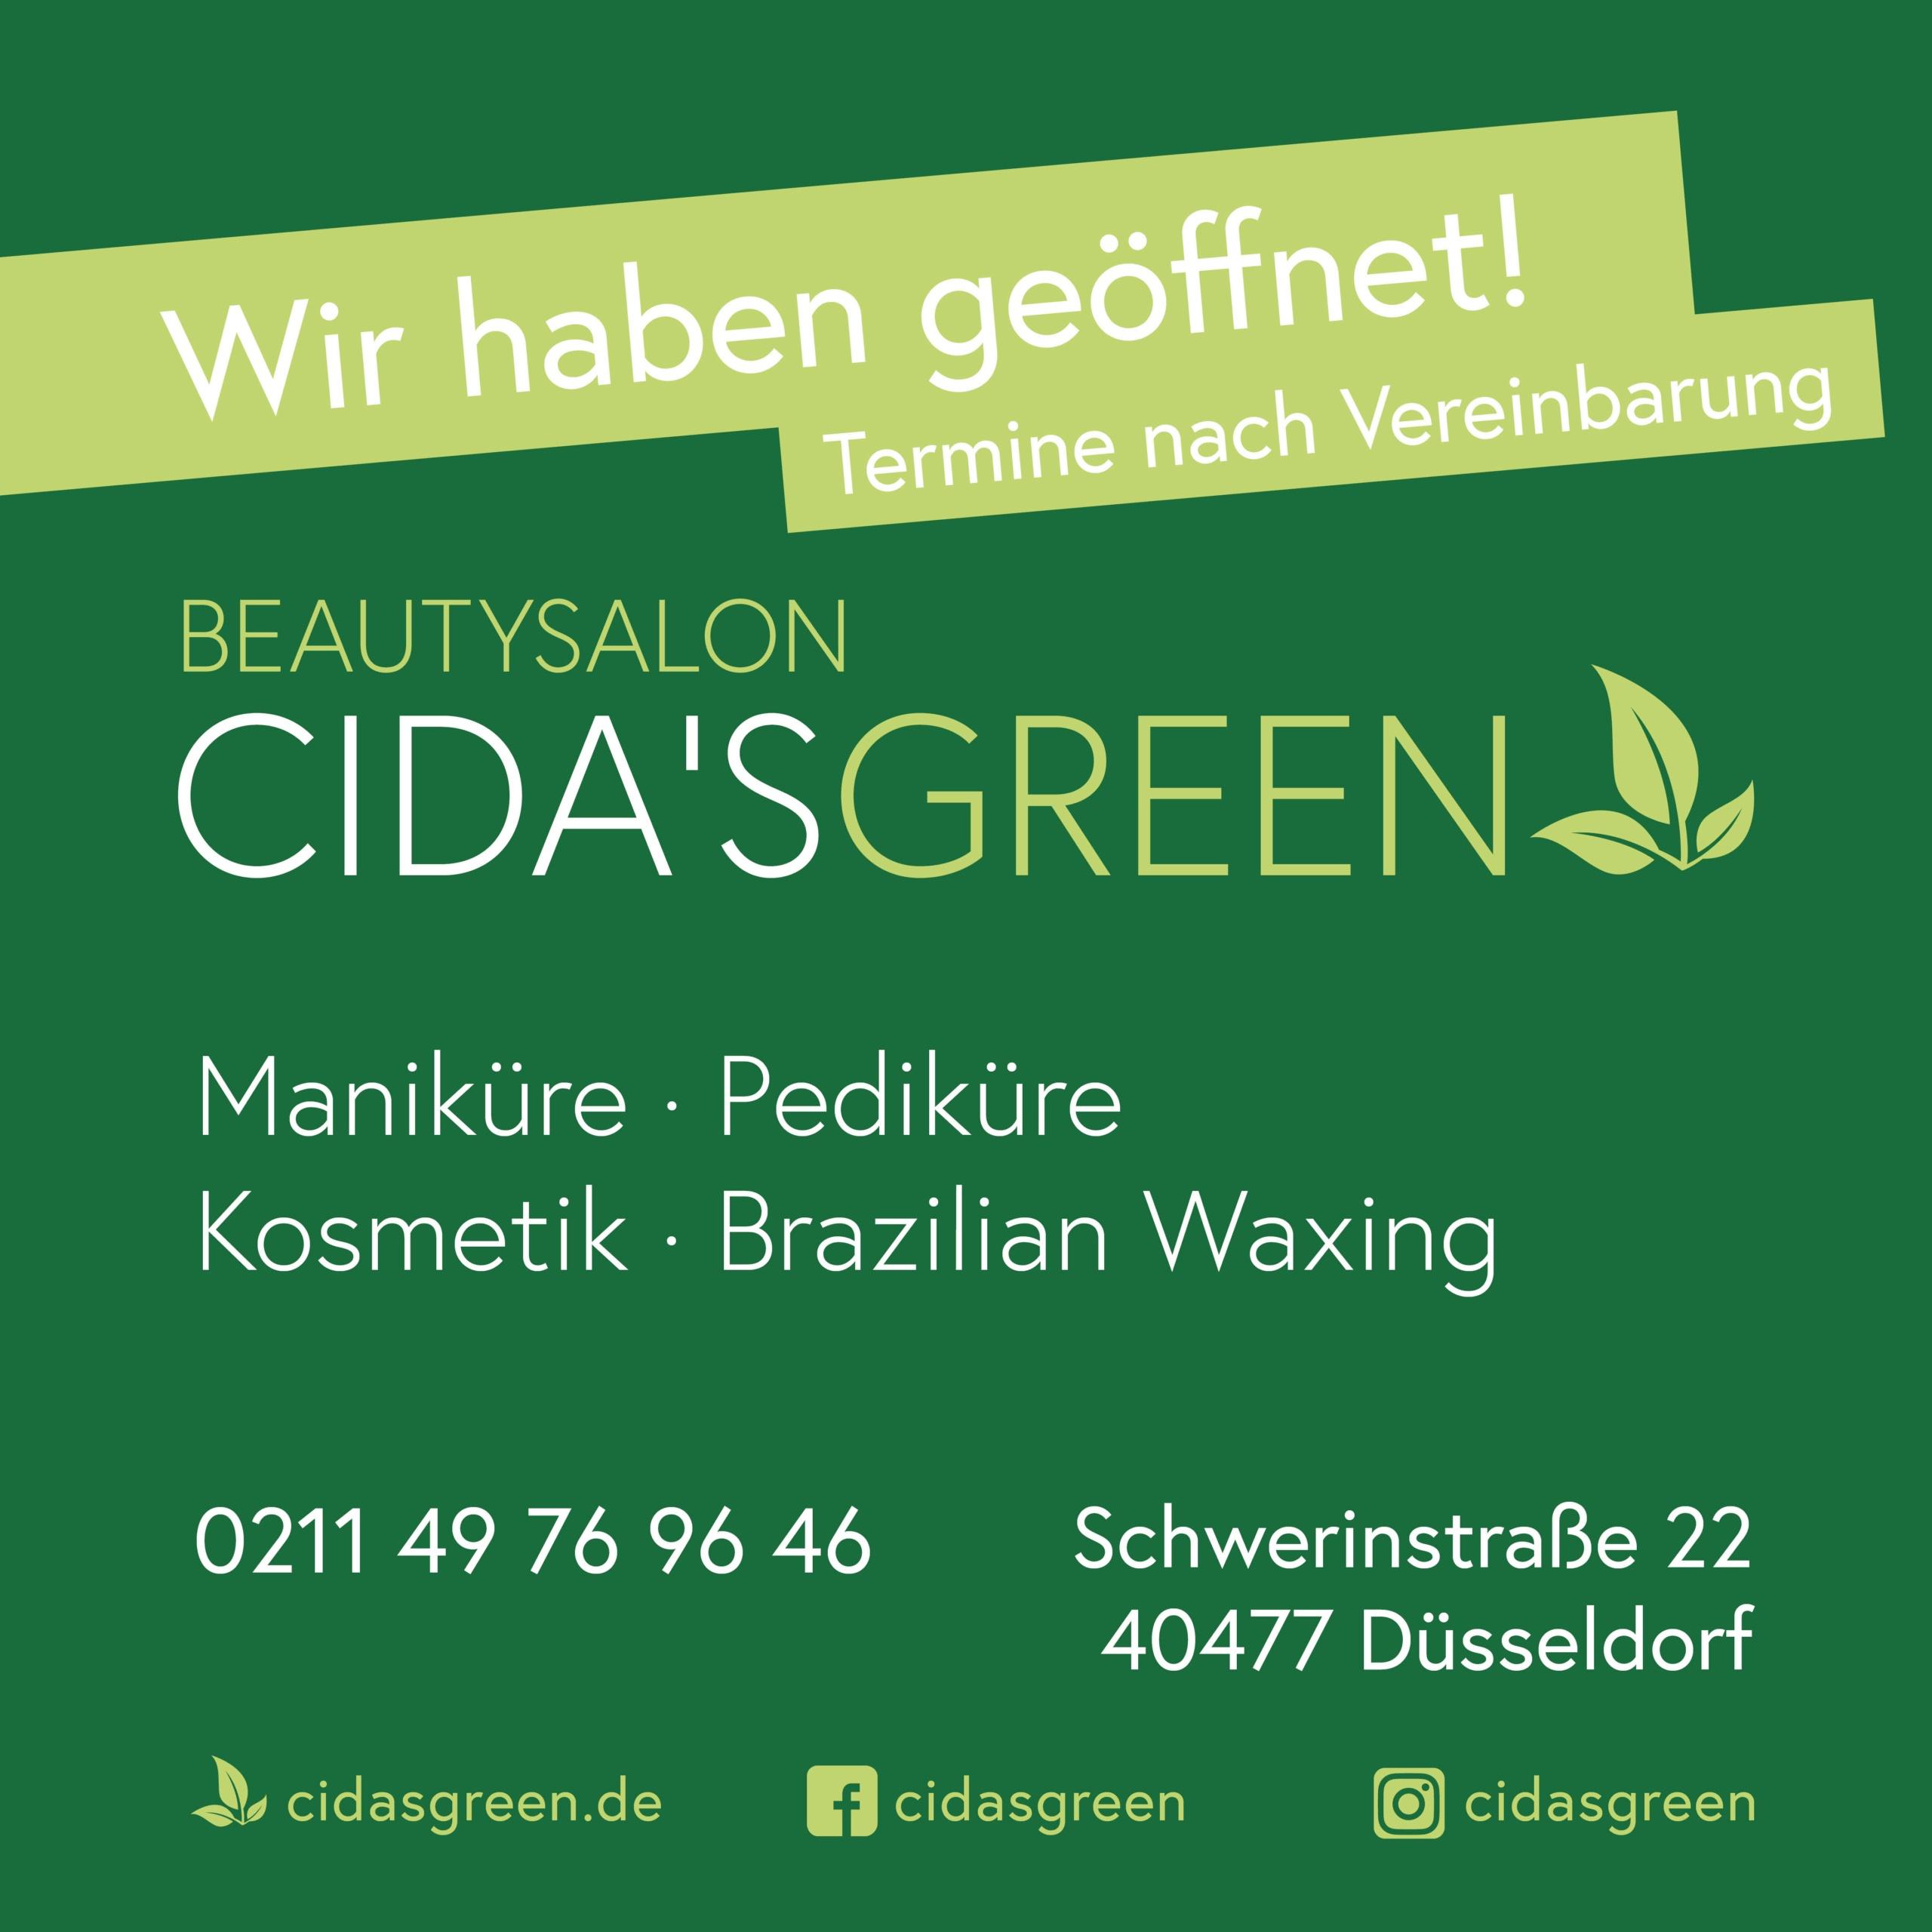 CIDA'S GREEN Wir haben geöffnet